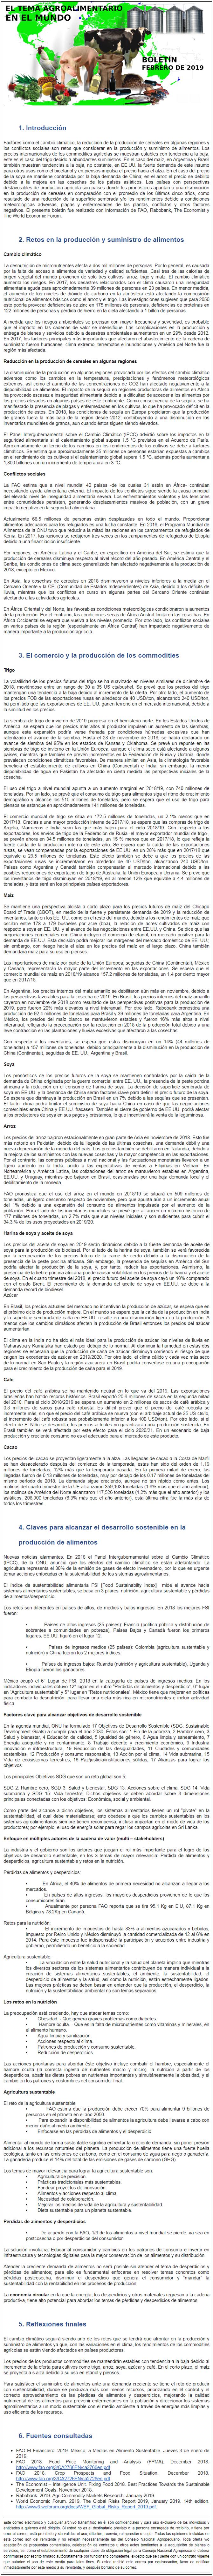 BOLETÍN: EL TEMA AGROALIMENTARIO EN EL MUNDO, FEBRERO DE 2019